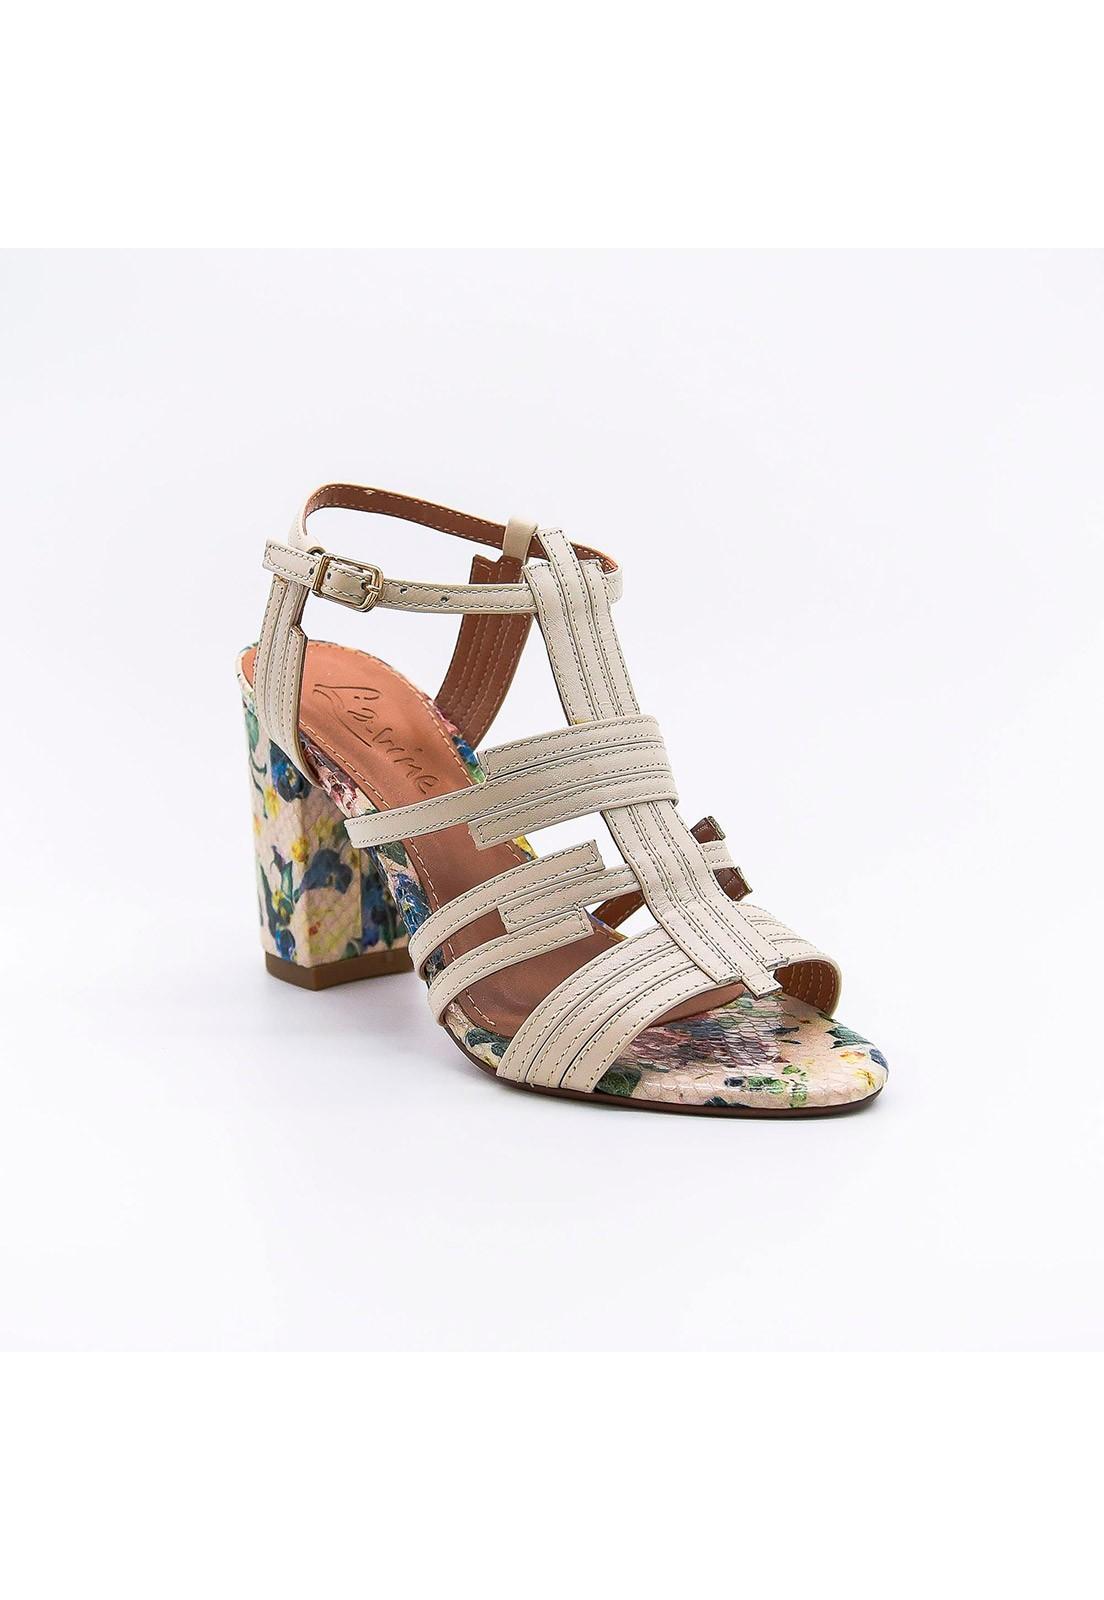 Sandália couro off-white floral Lavine